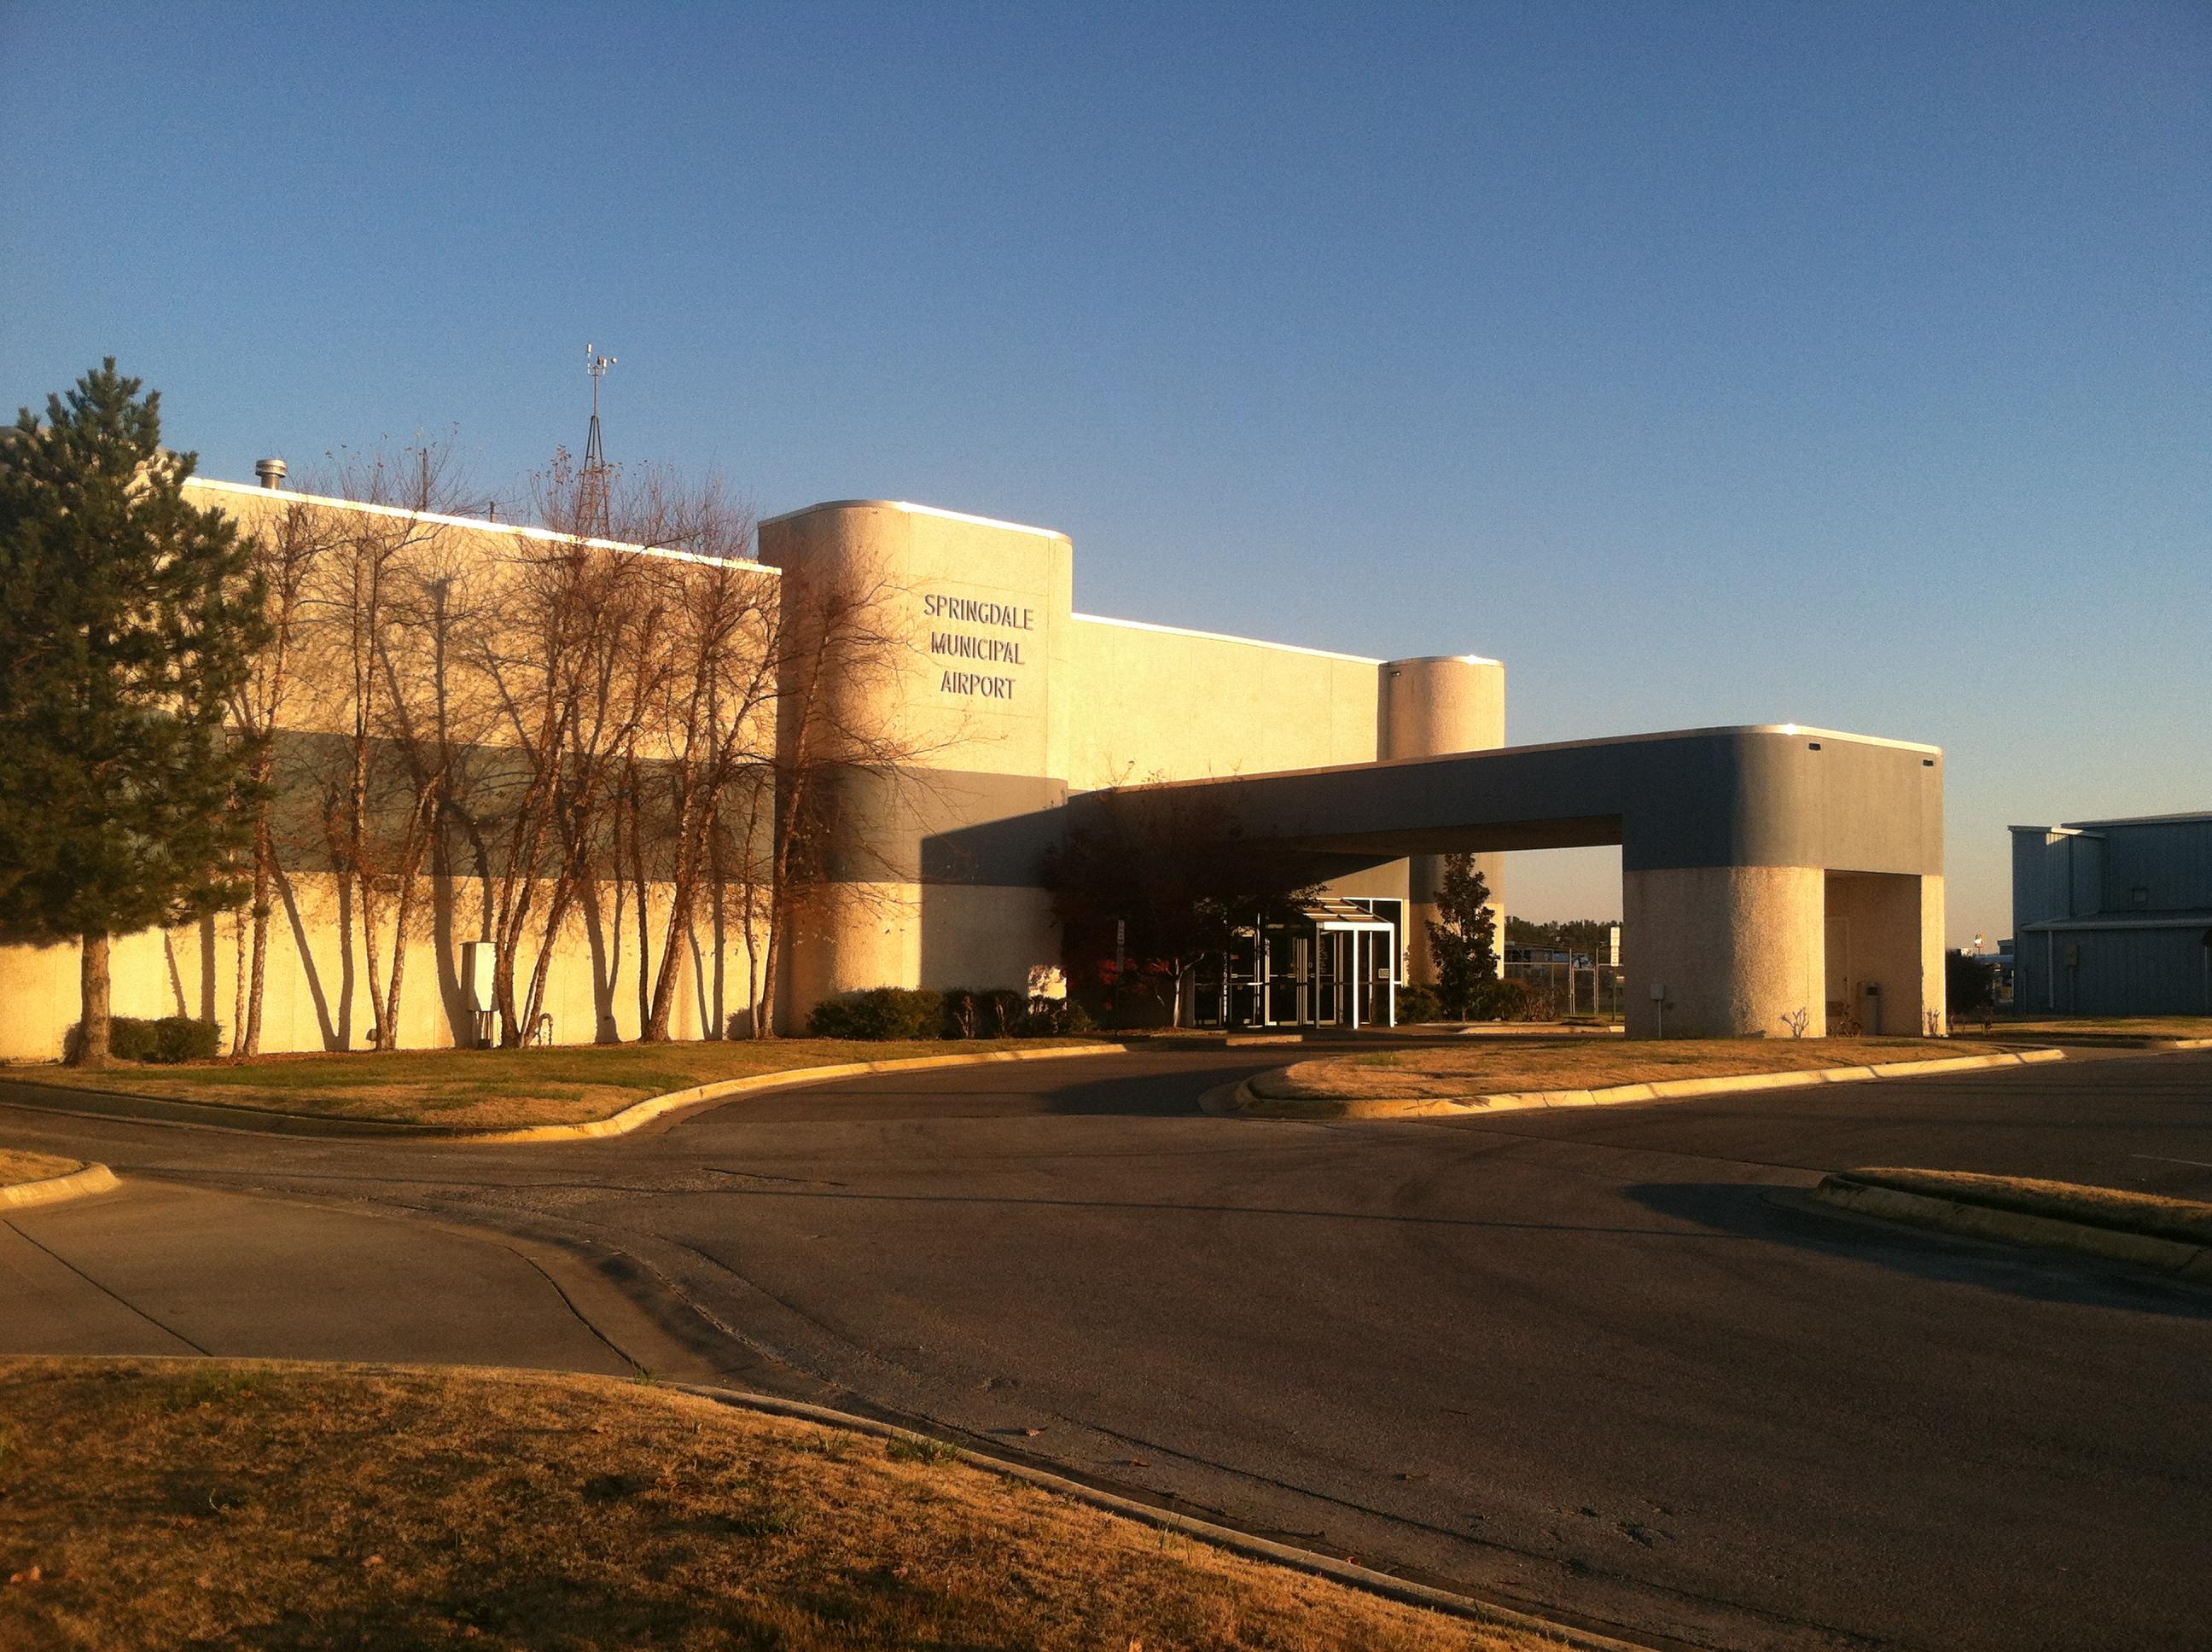 springdale airport